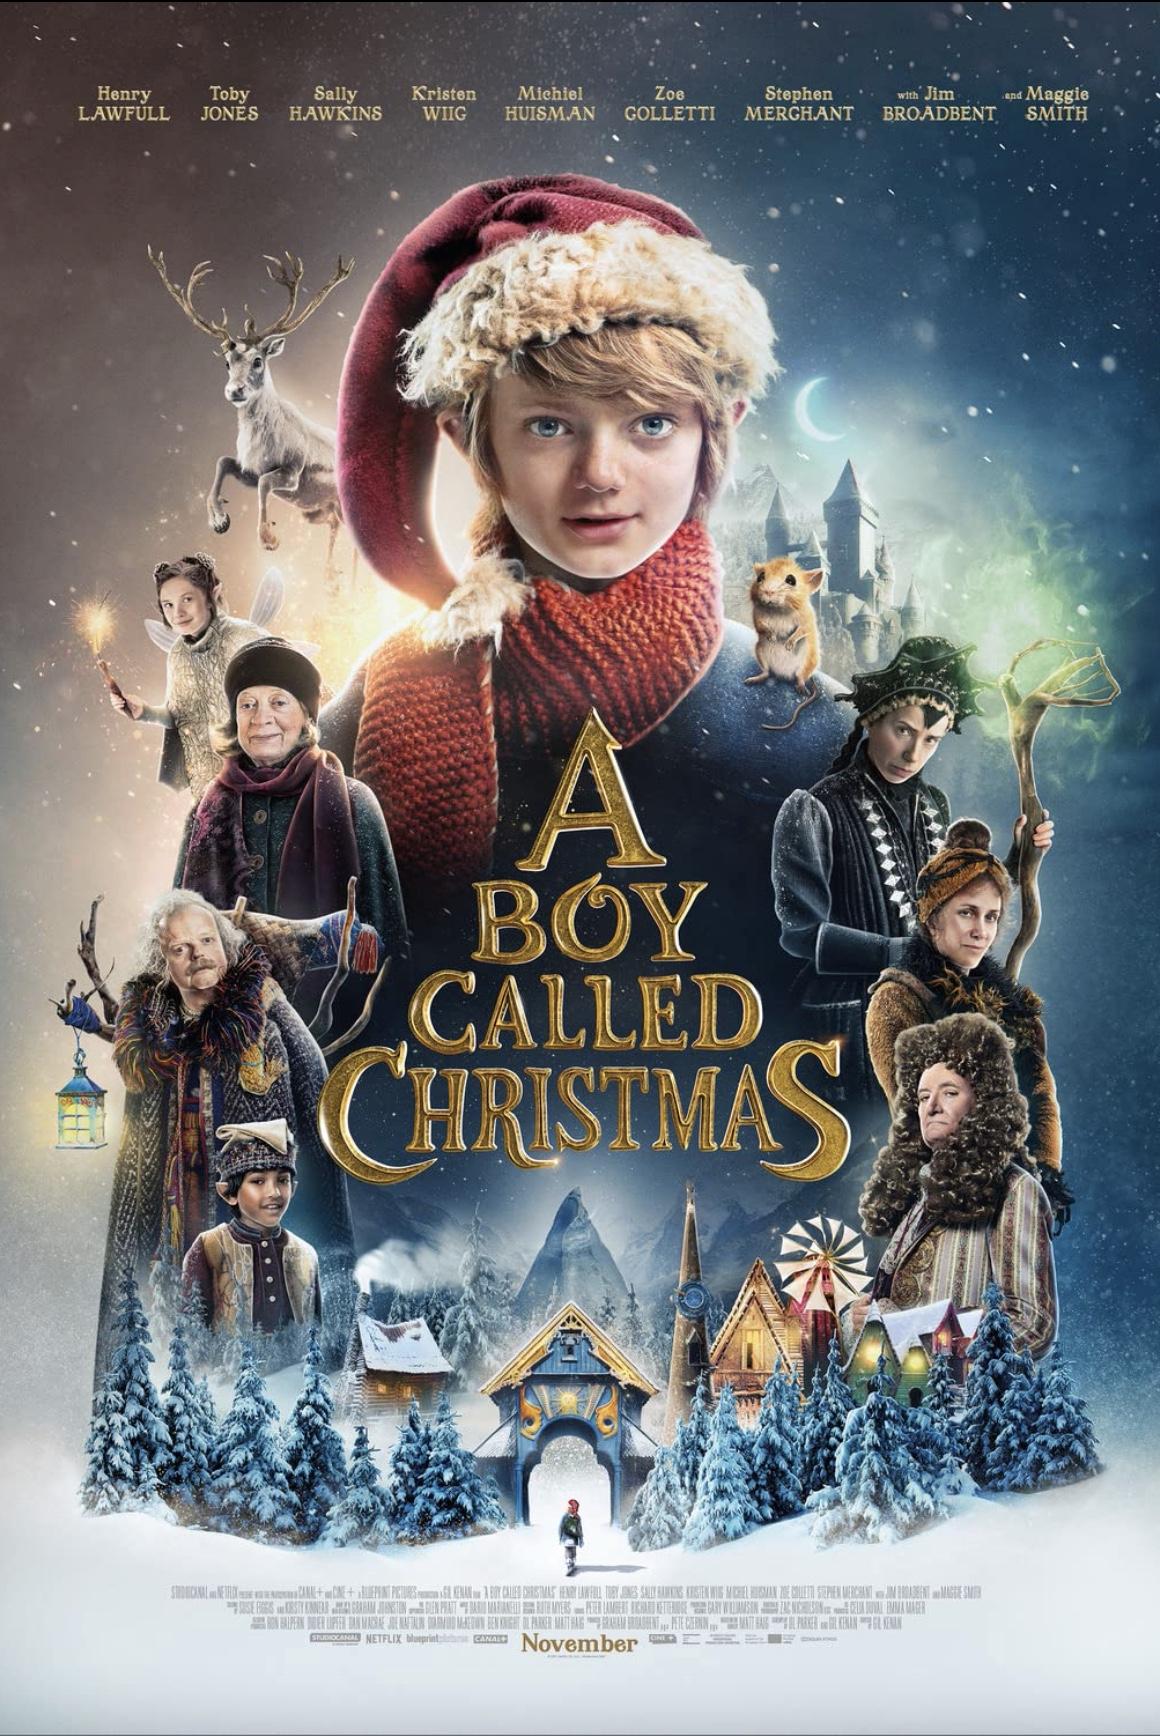 映画『クリスマスとよばれた男の子』ビジュアル